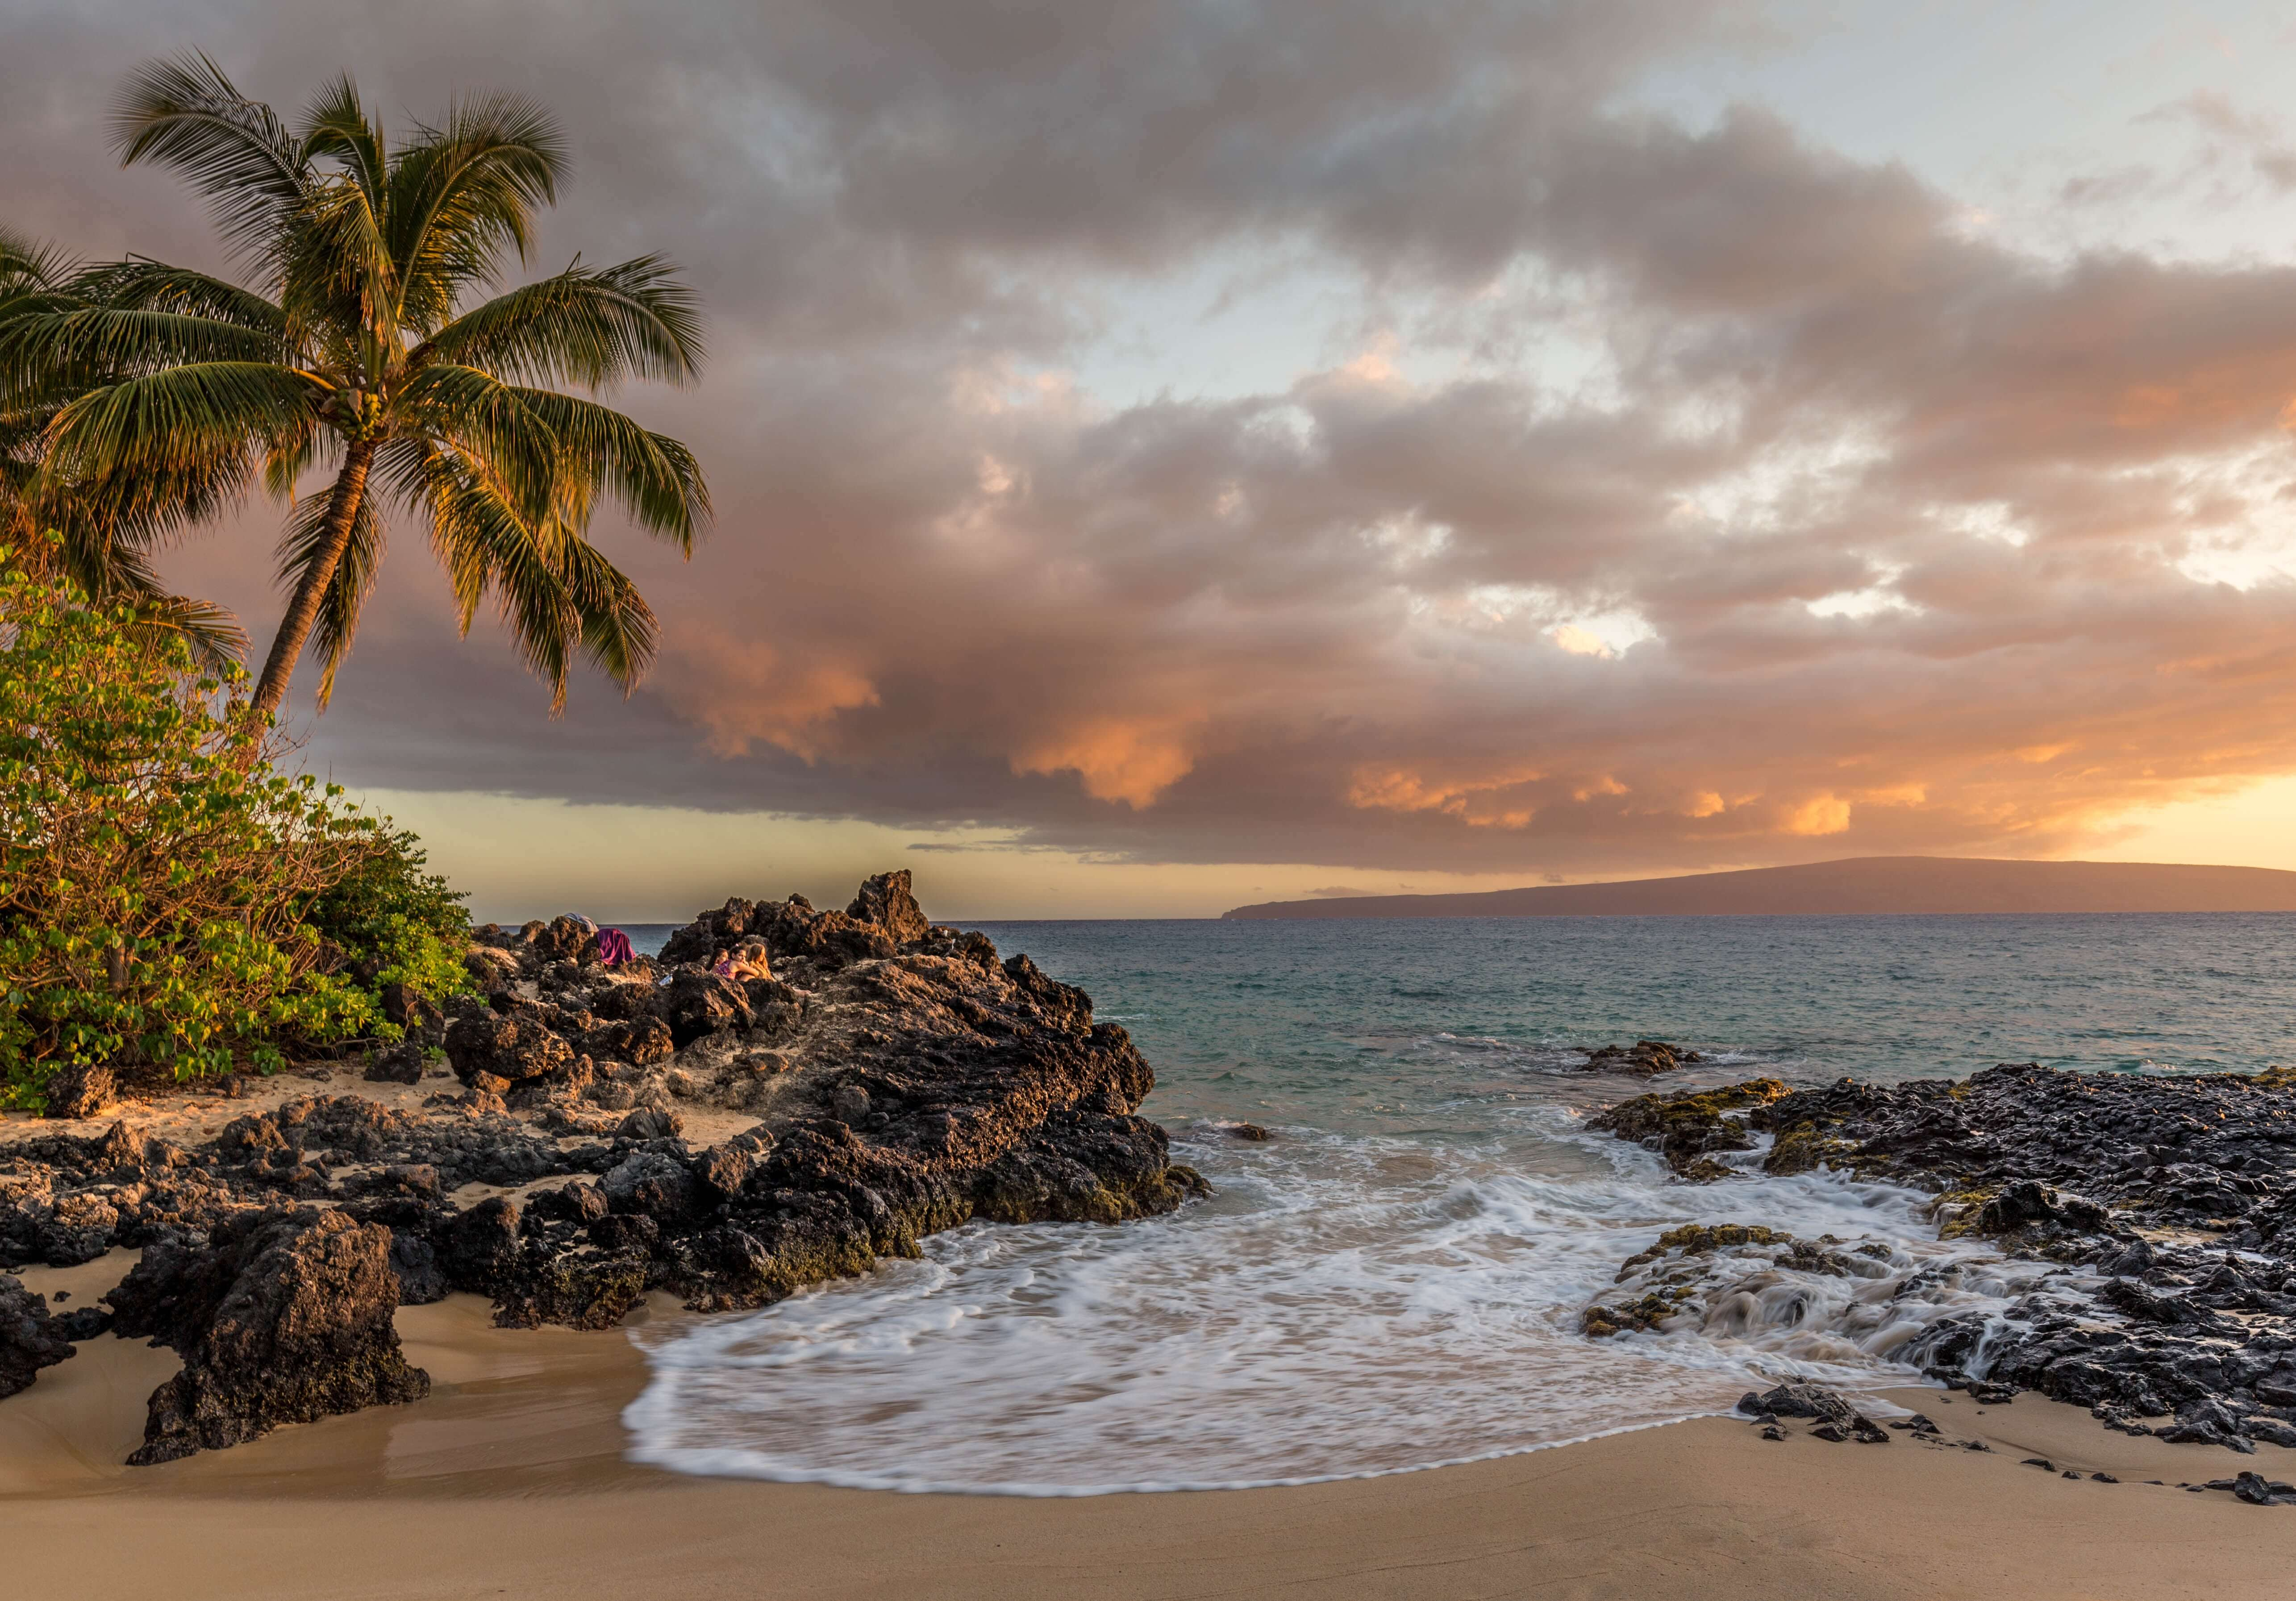 ハワイの様子